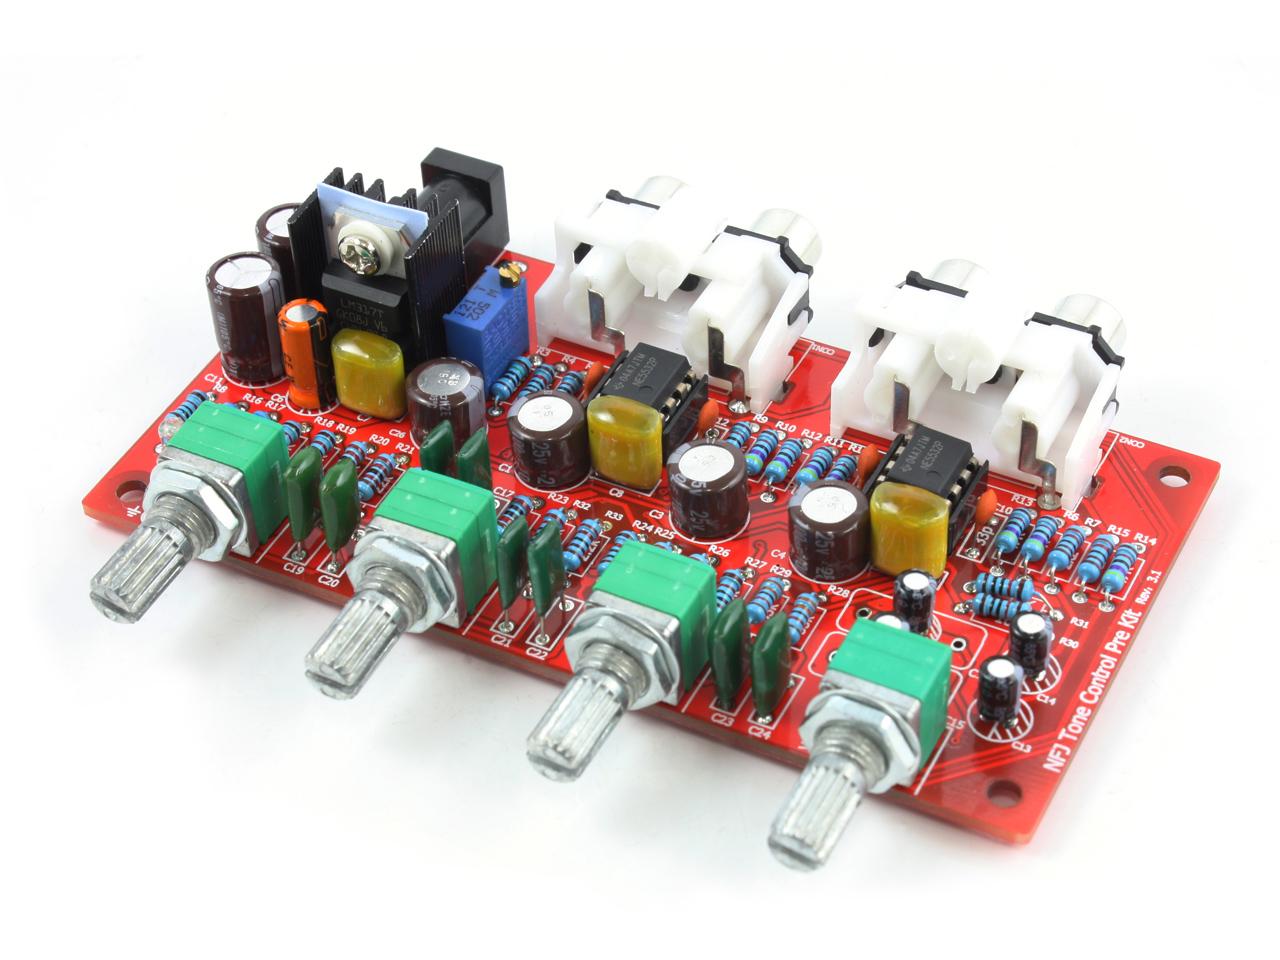 オペアンプ交換の楽しみも!12V単電源駆動 NE5532オペアンプ搭載 トーンコントロール機能付きプリアンプ自作キット Rev3.1_v3